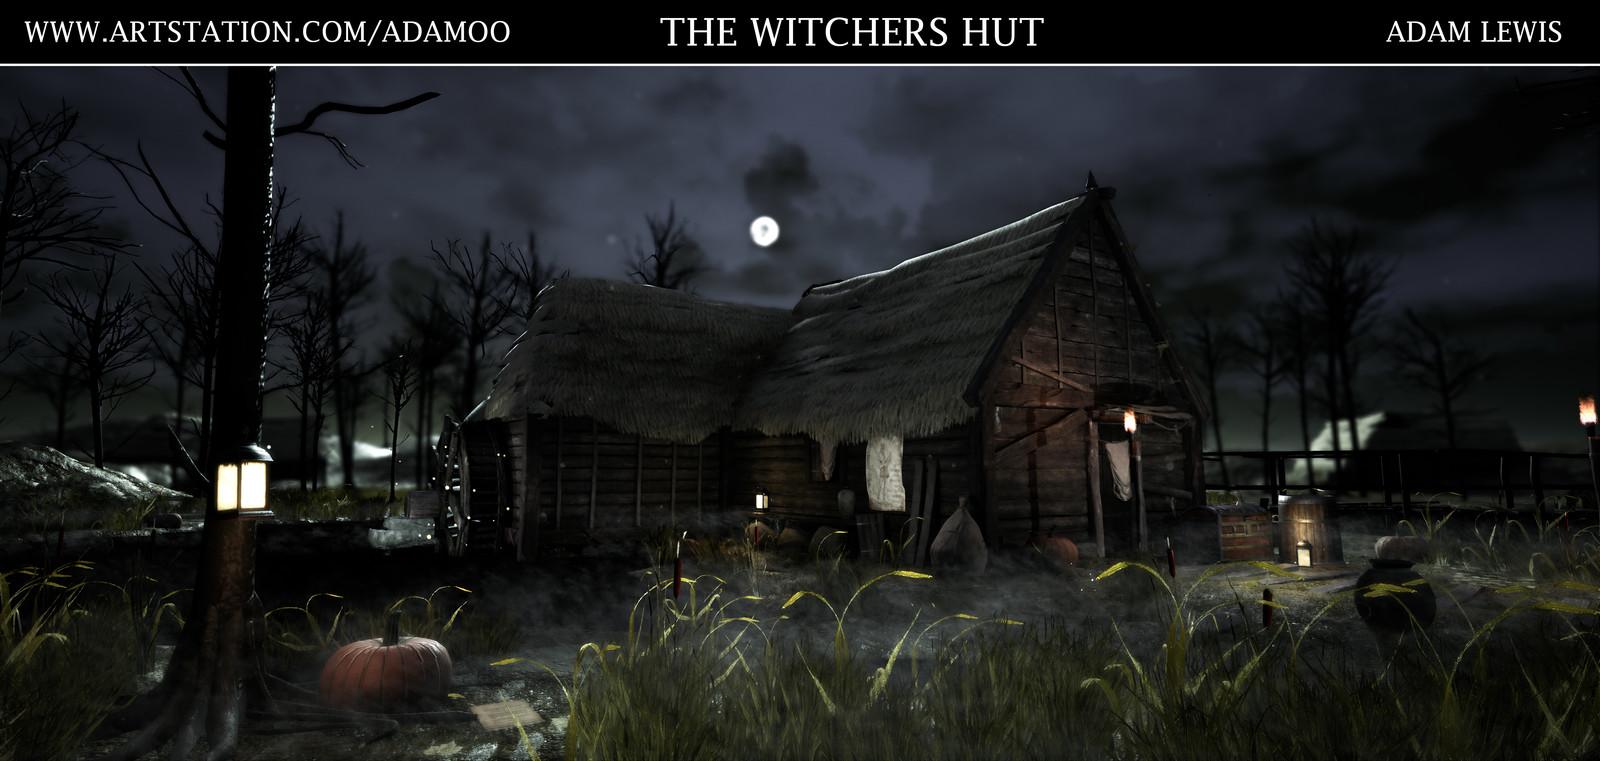 Witcher 3 - Swamp Hut